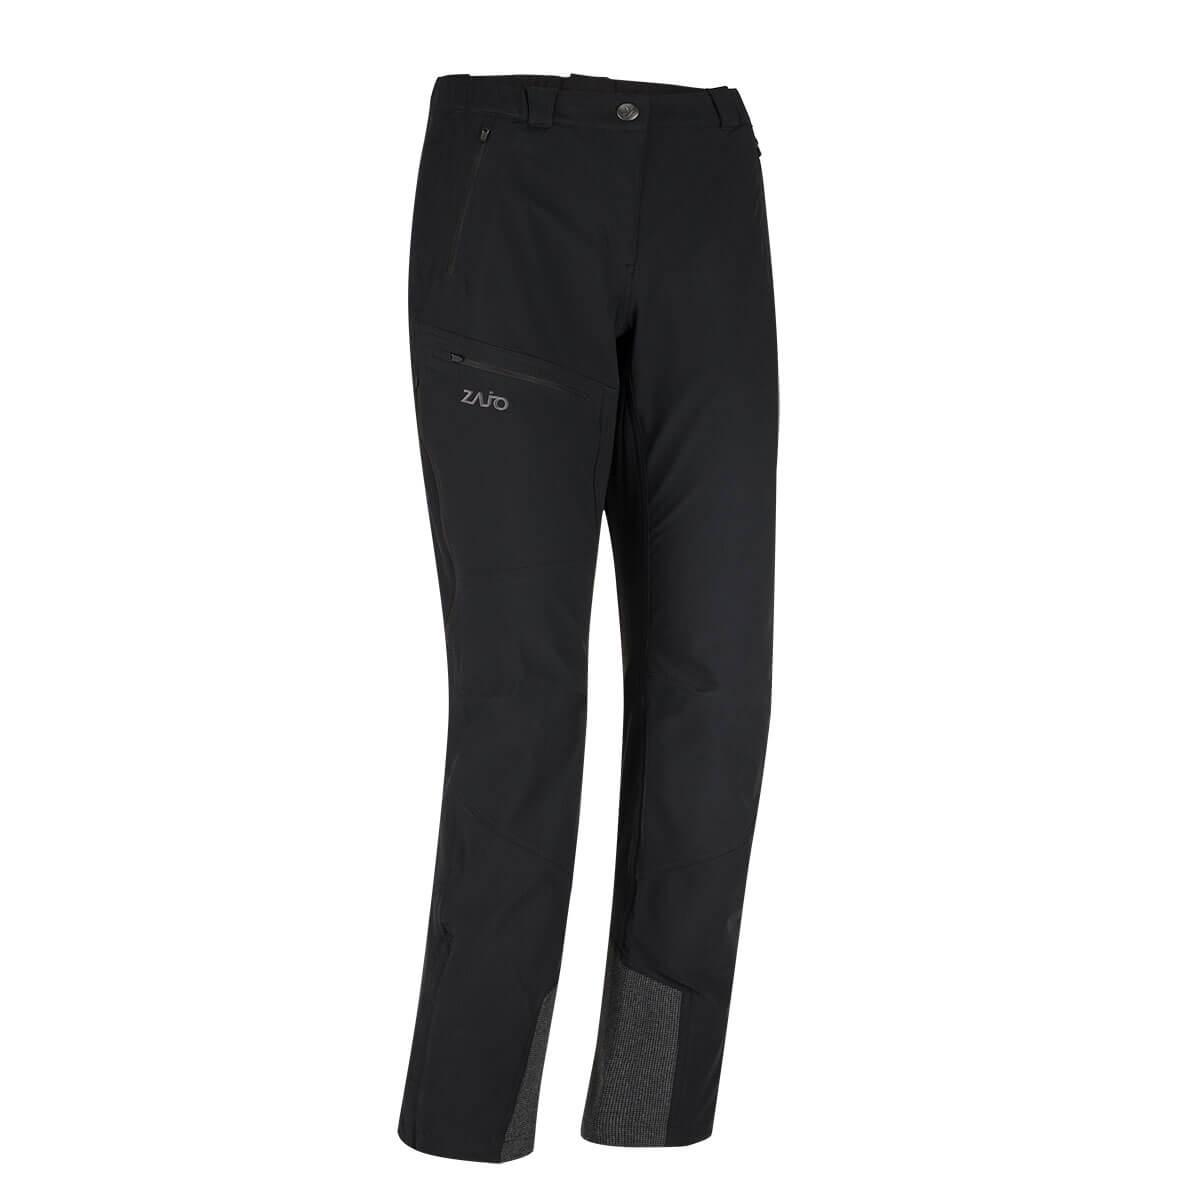 Nohavice Zajo Argon Neo W Pants Black - veľkosť S